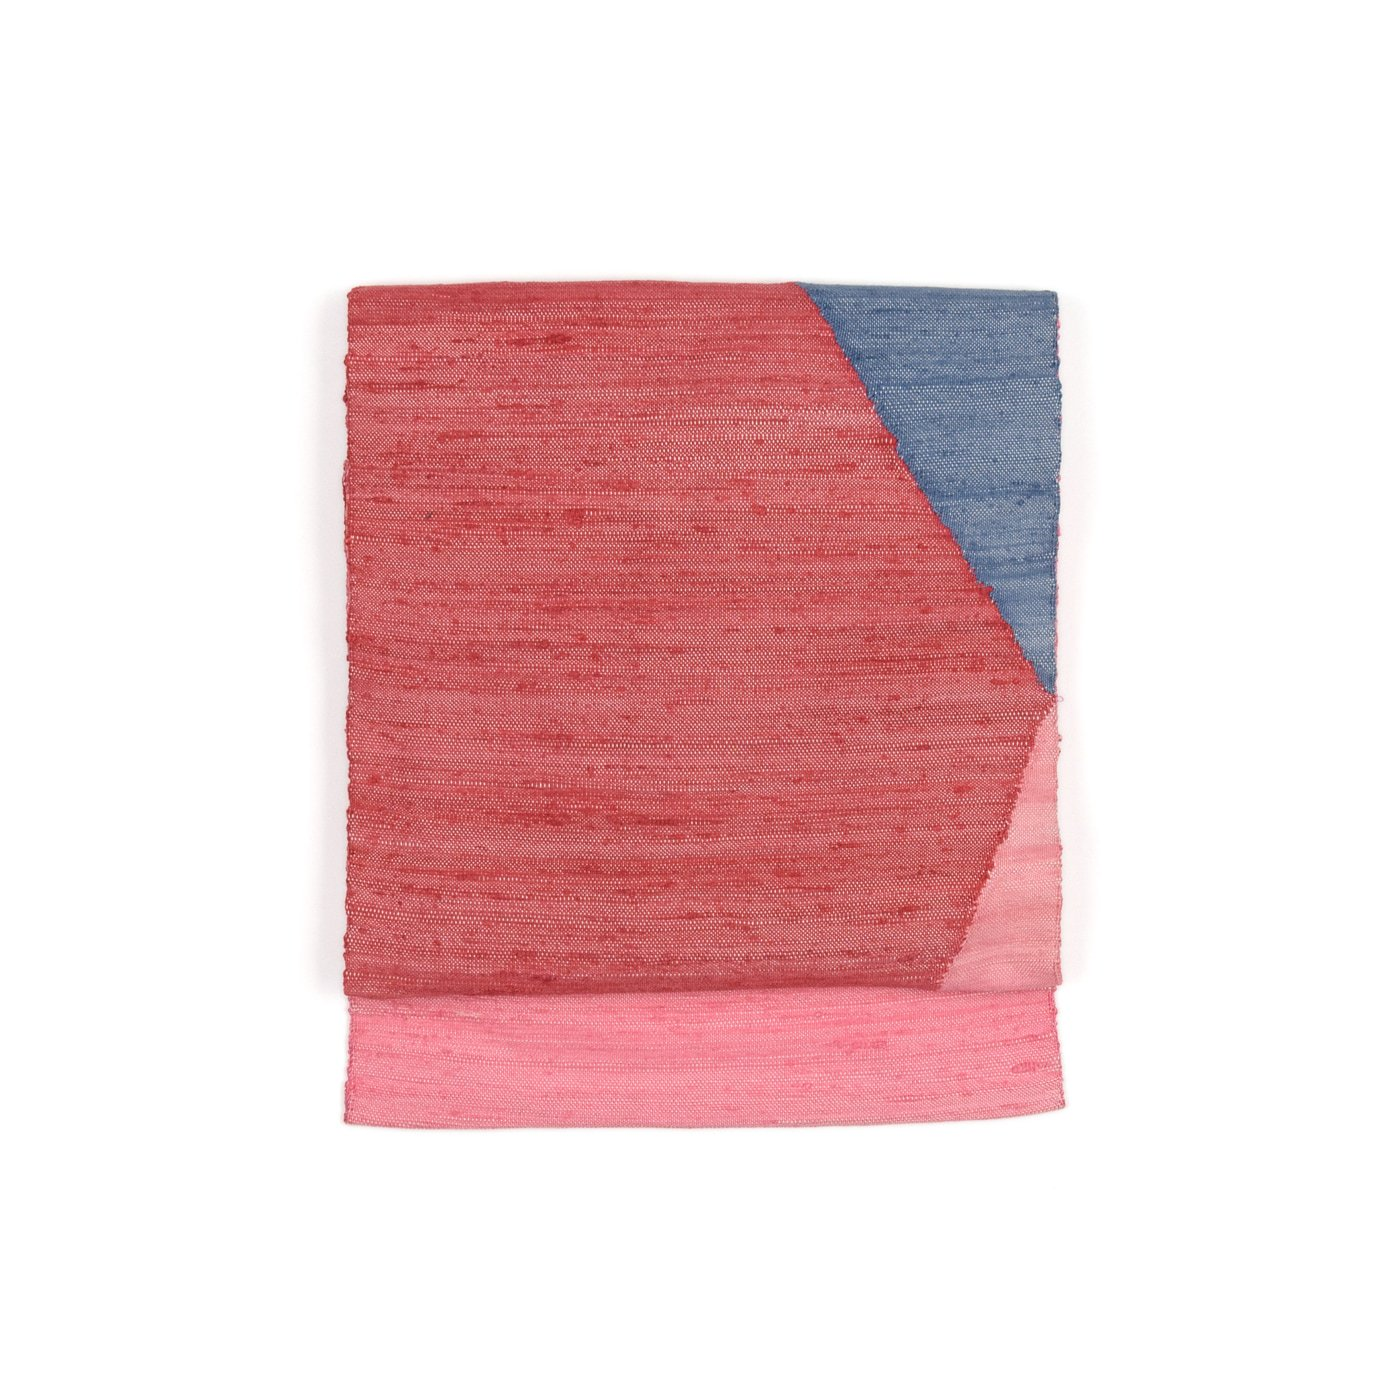 「紬 積み木のような幾何学柄」の商品画像